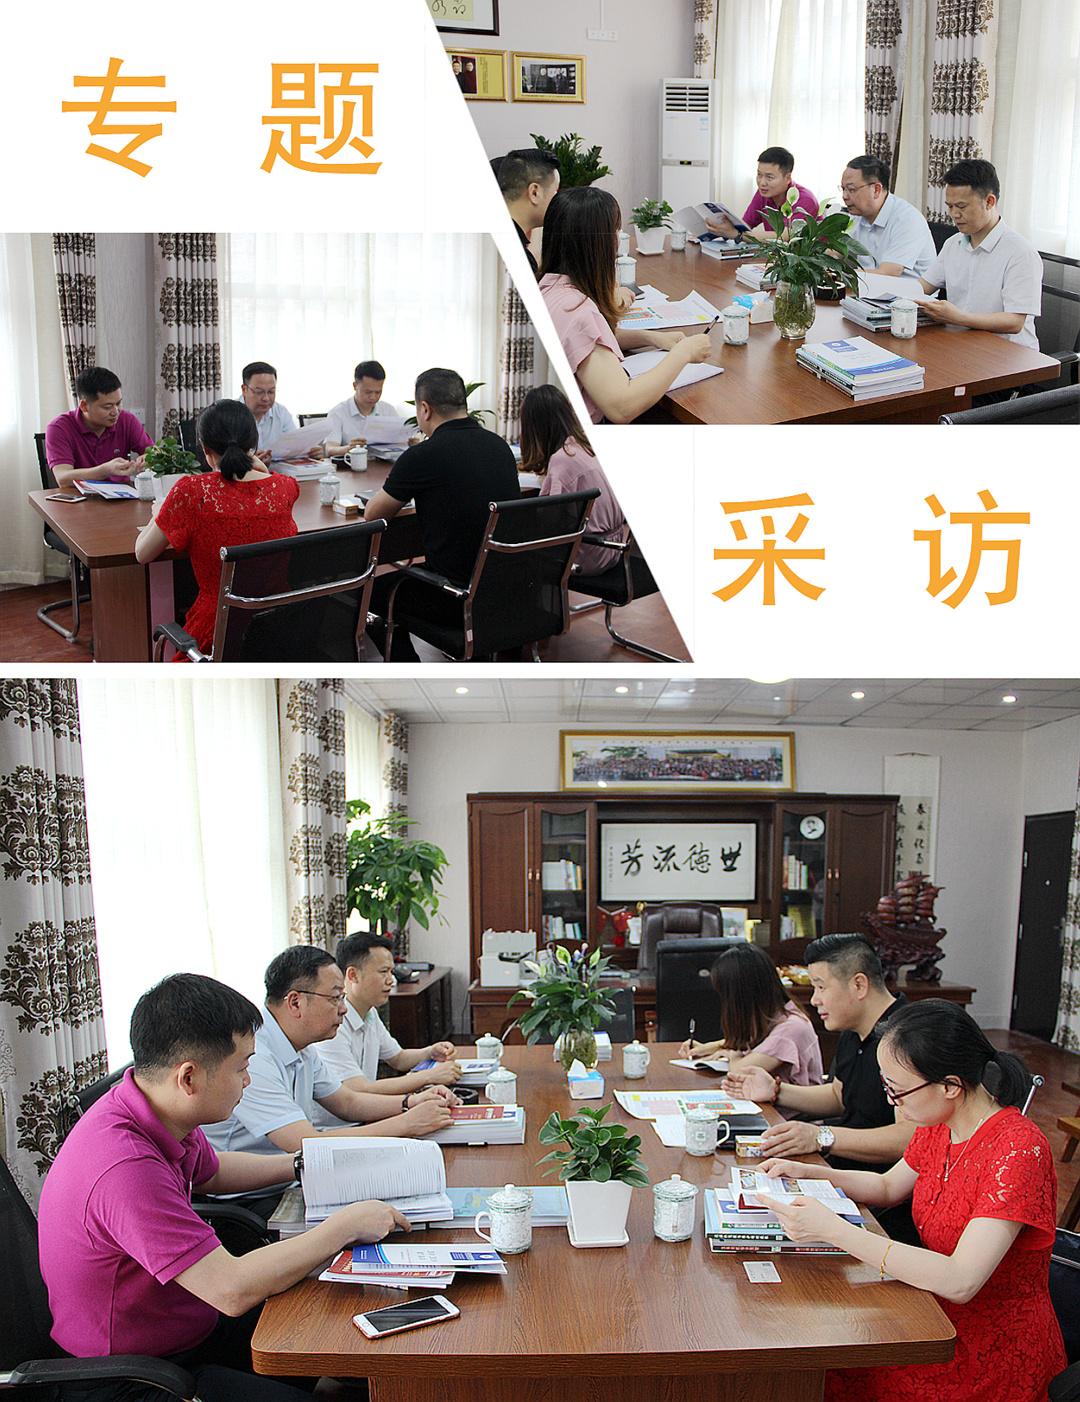 中国互联网新闻中心采访刘世芳D.JPG.jpg